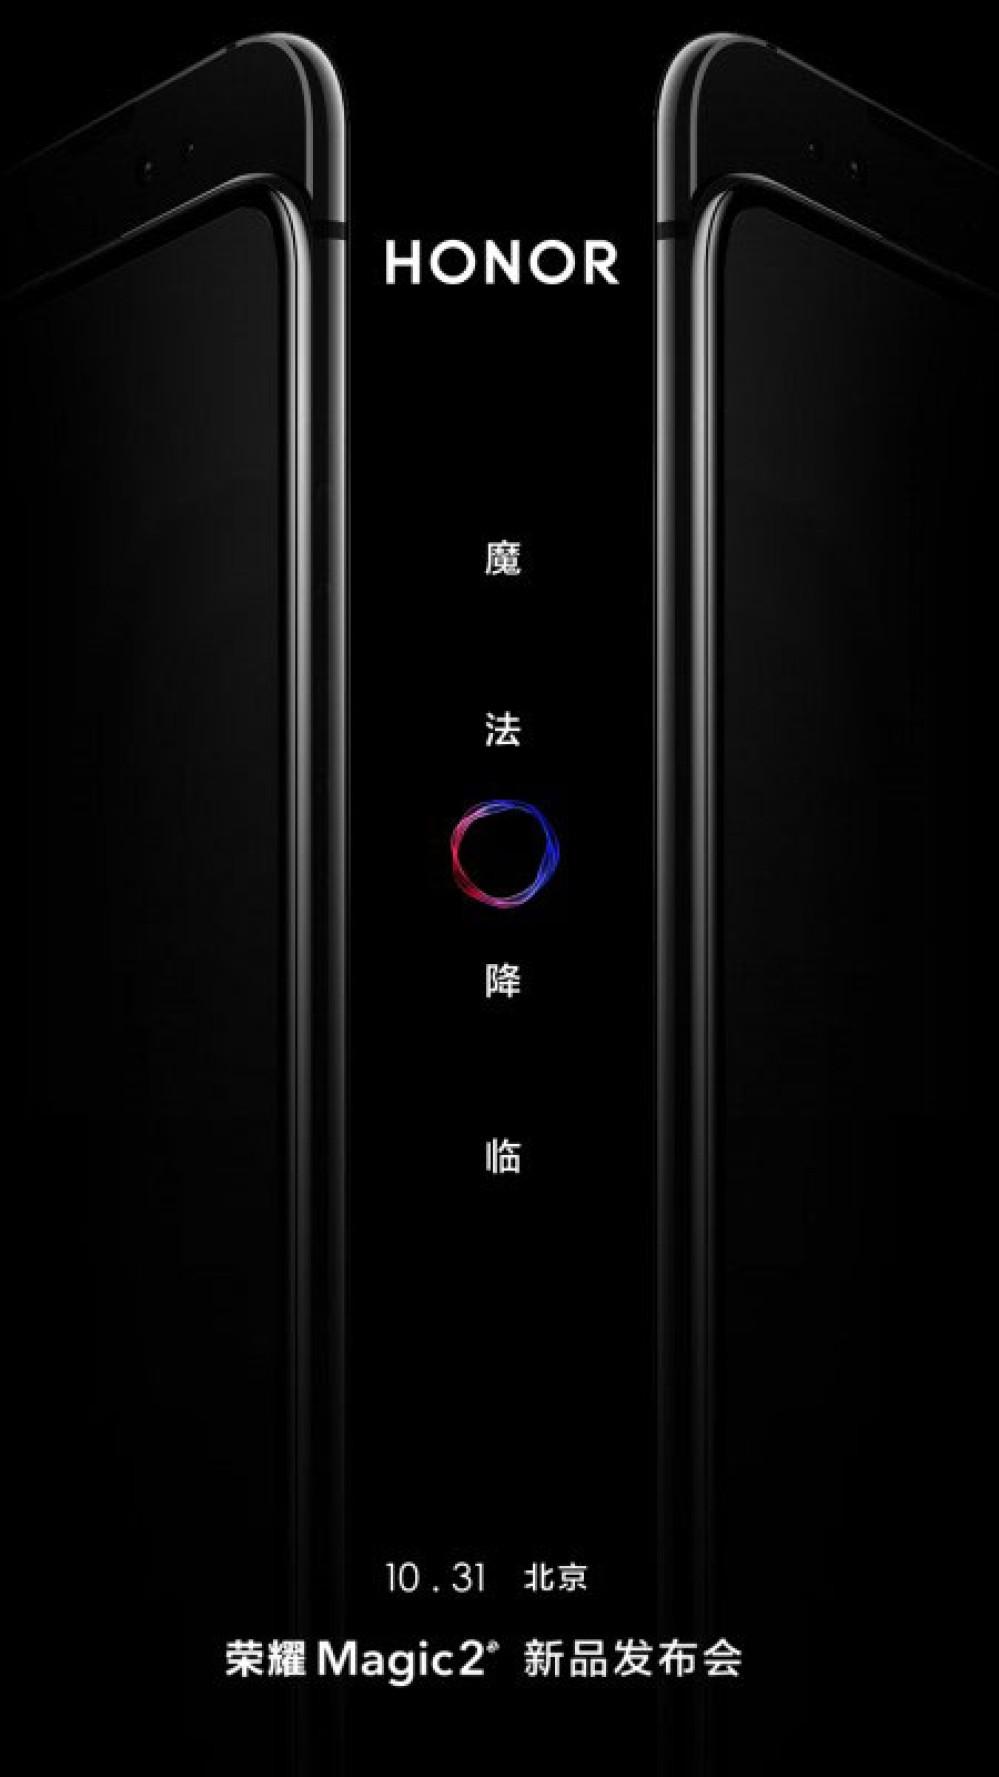 """Honor Magic 2: Αποκαλυπτήρια στις 31 Οκτωβρίου για το νέο """"μαγικό"""" smartphone"""